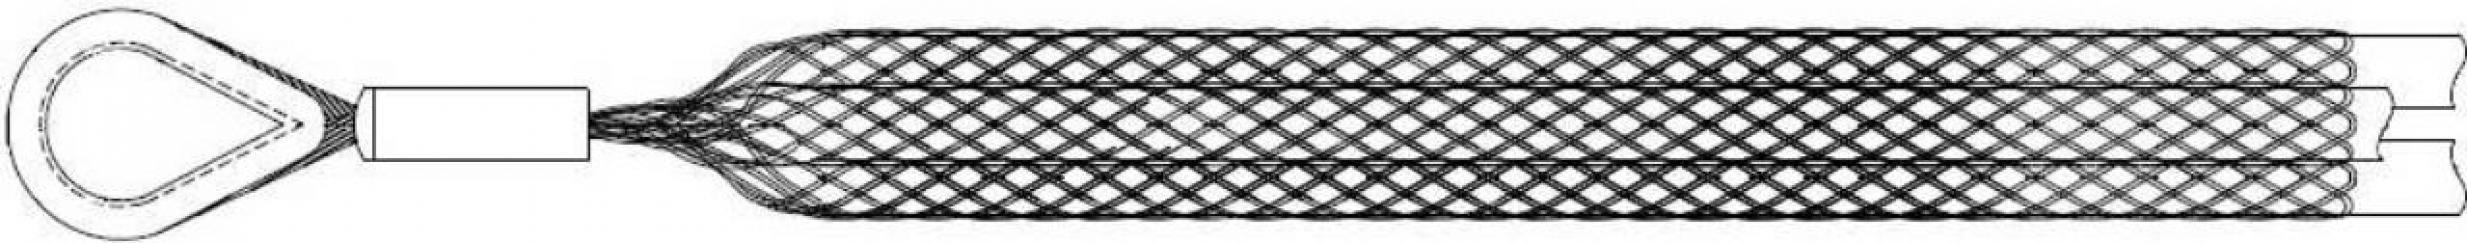 Кабельный чулок тройной КЧ 65/3 с одной петлей